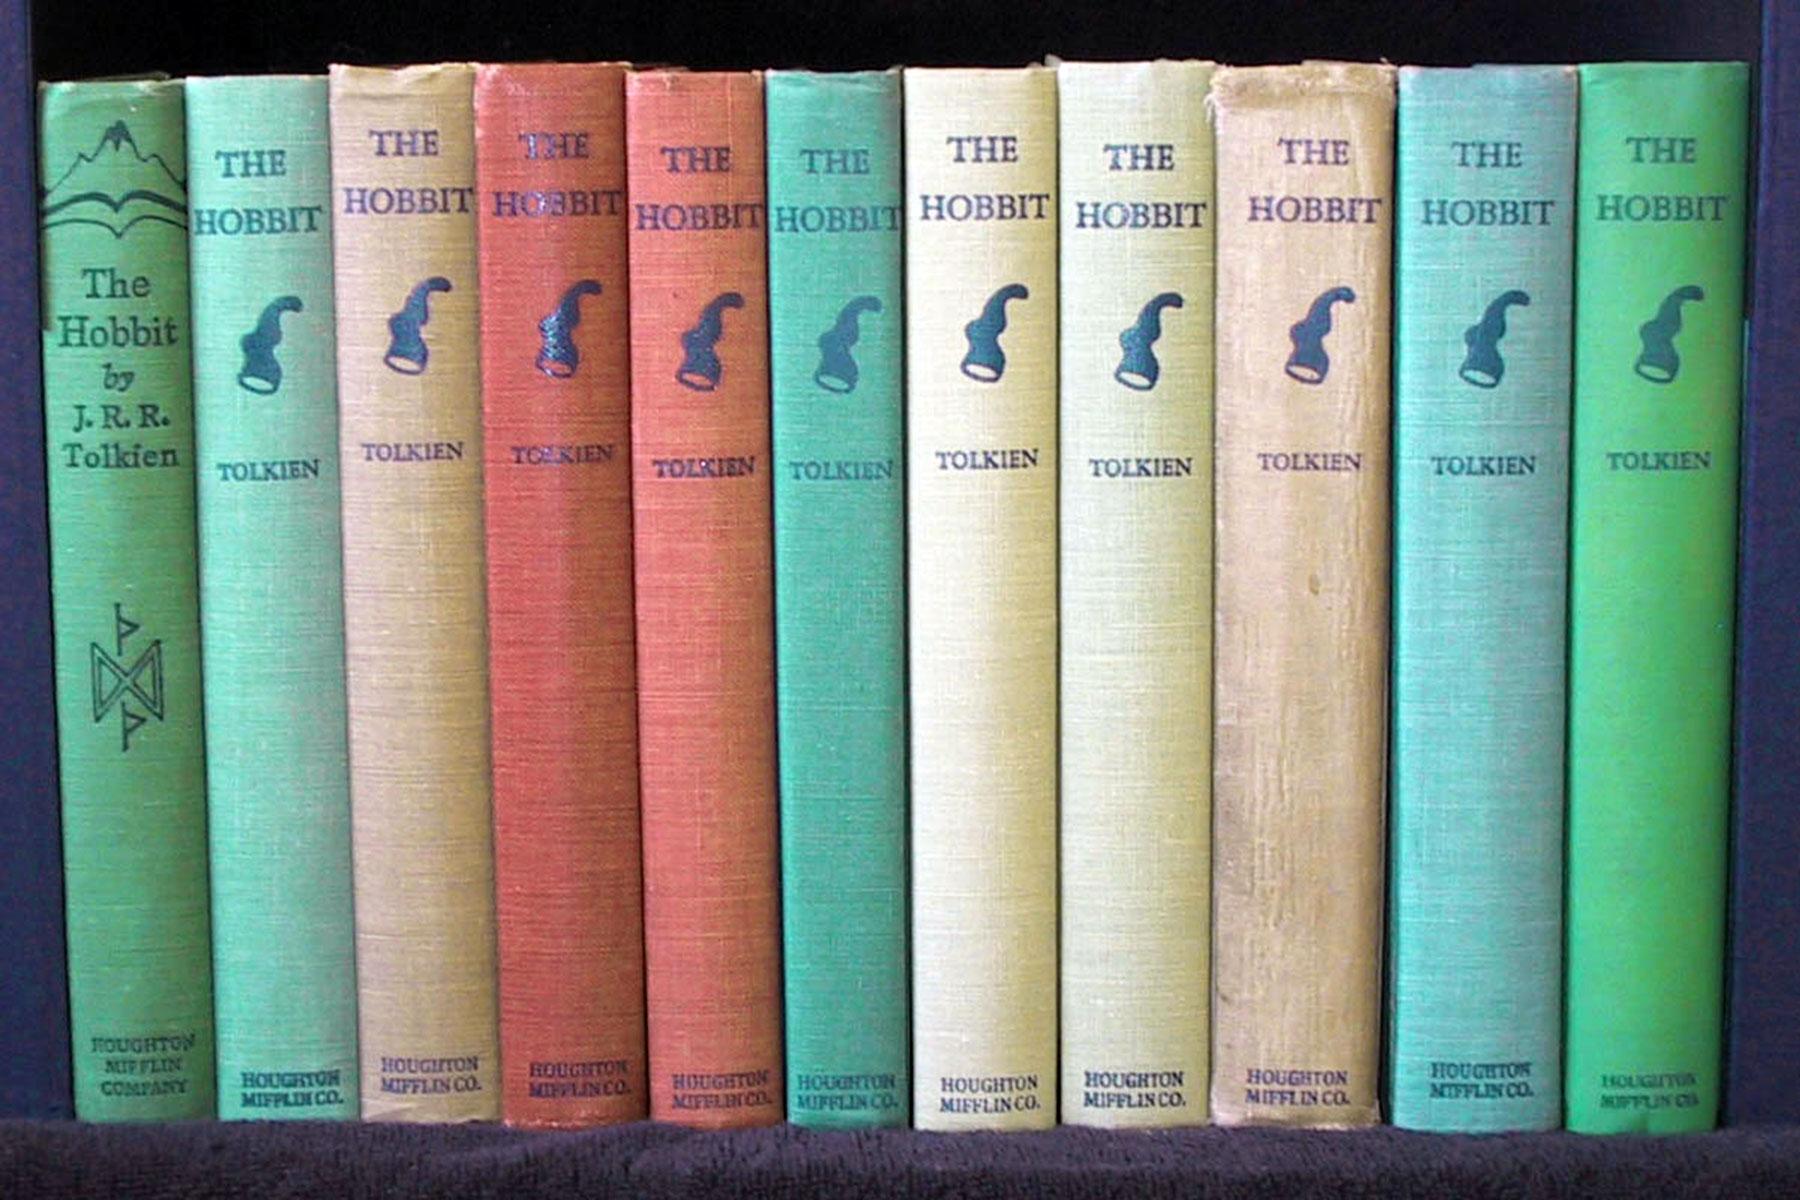 hobbit_book_02